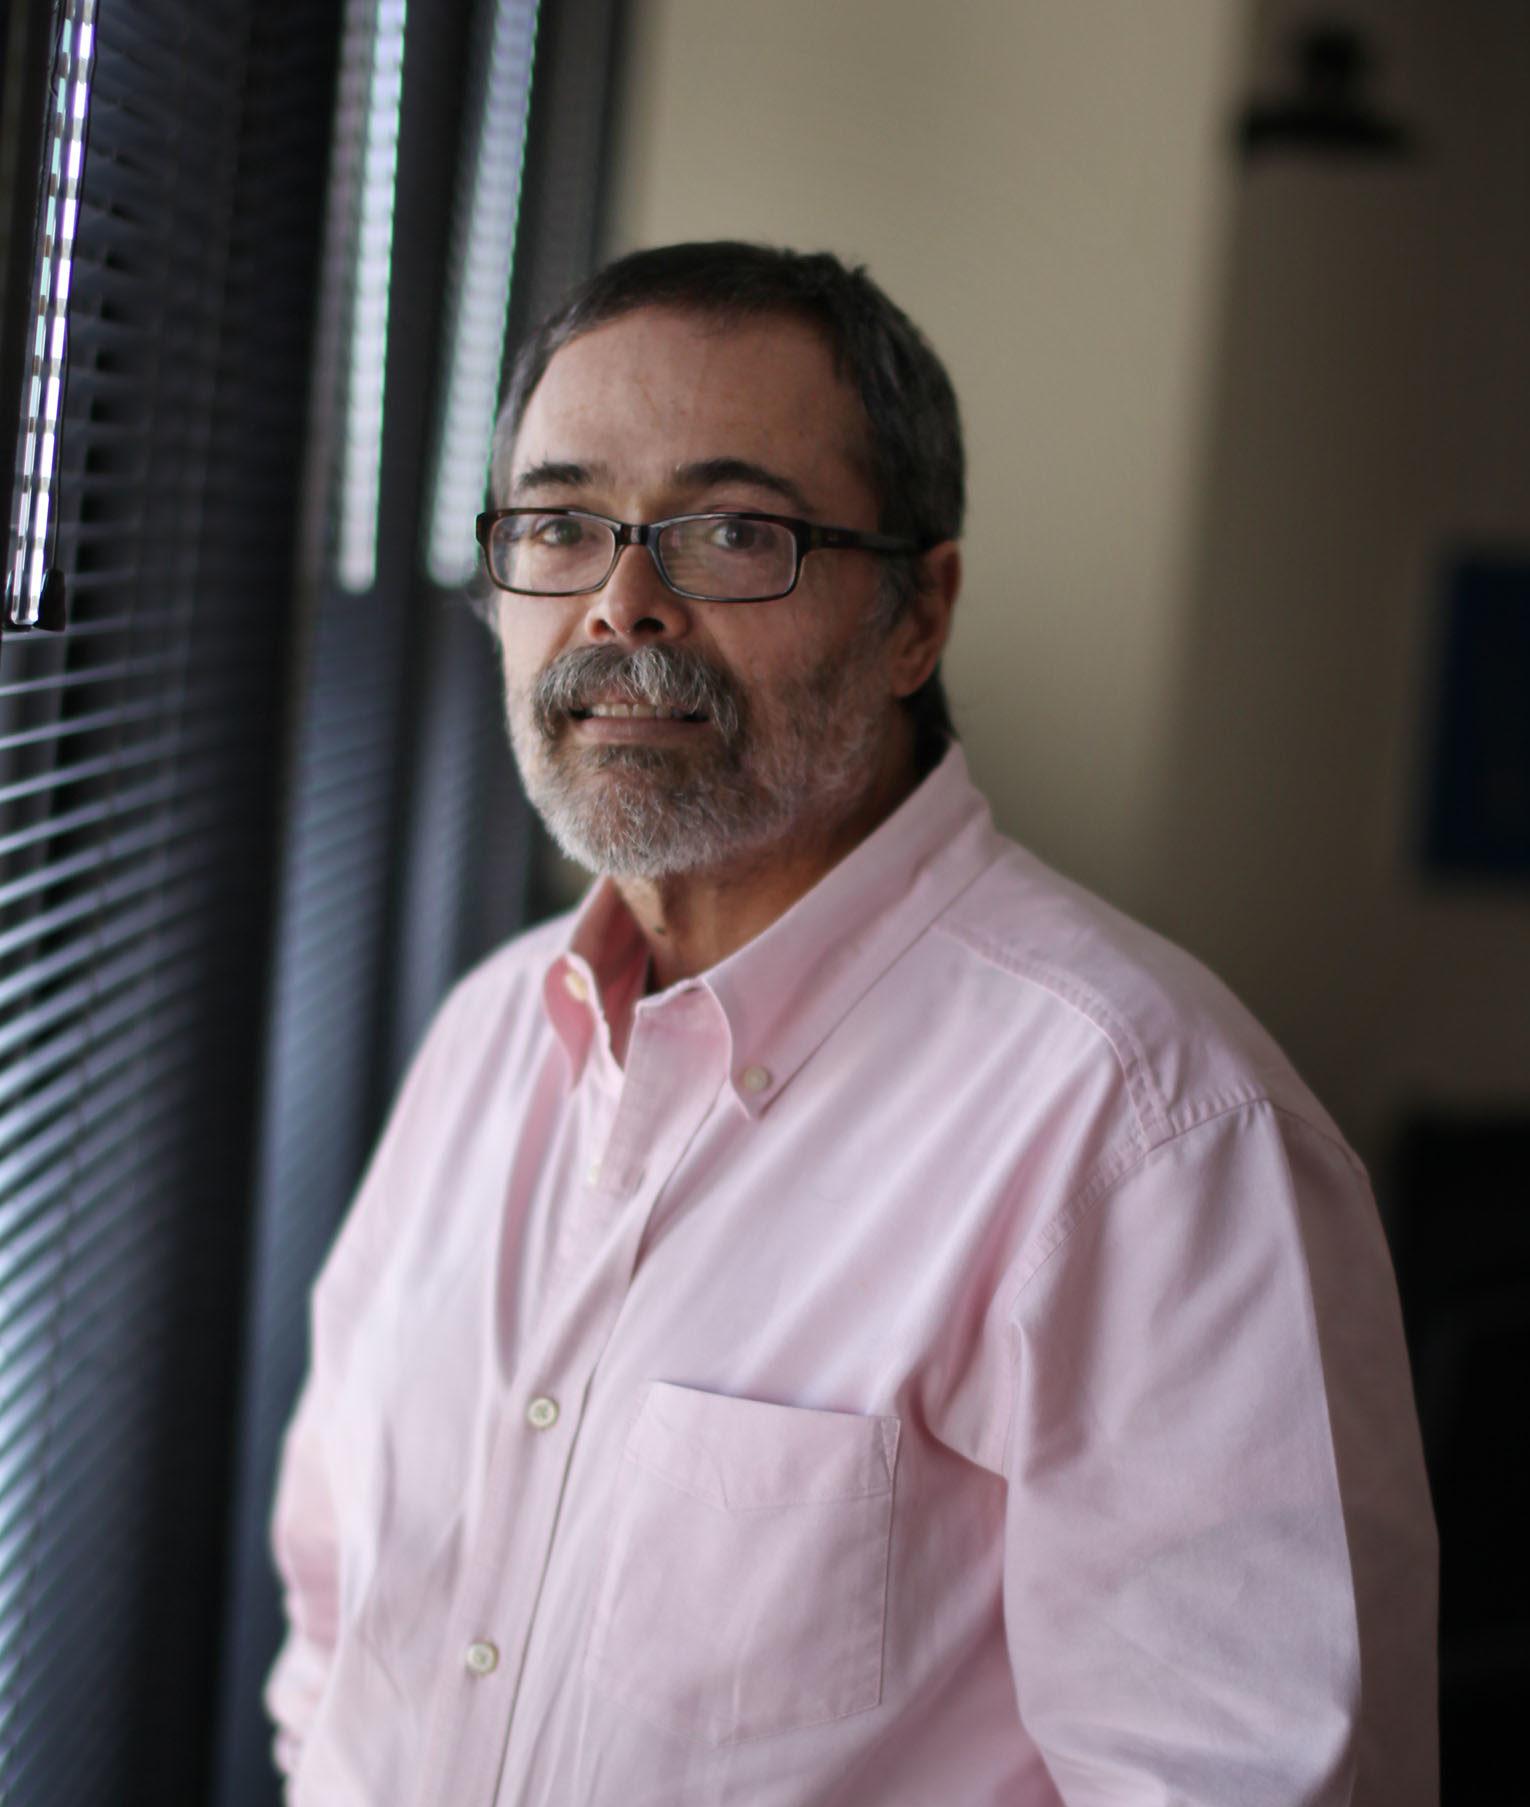 Antonio Mejías-Rentas